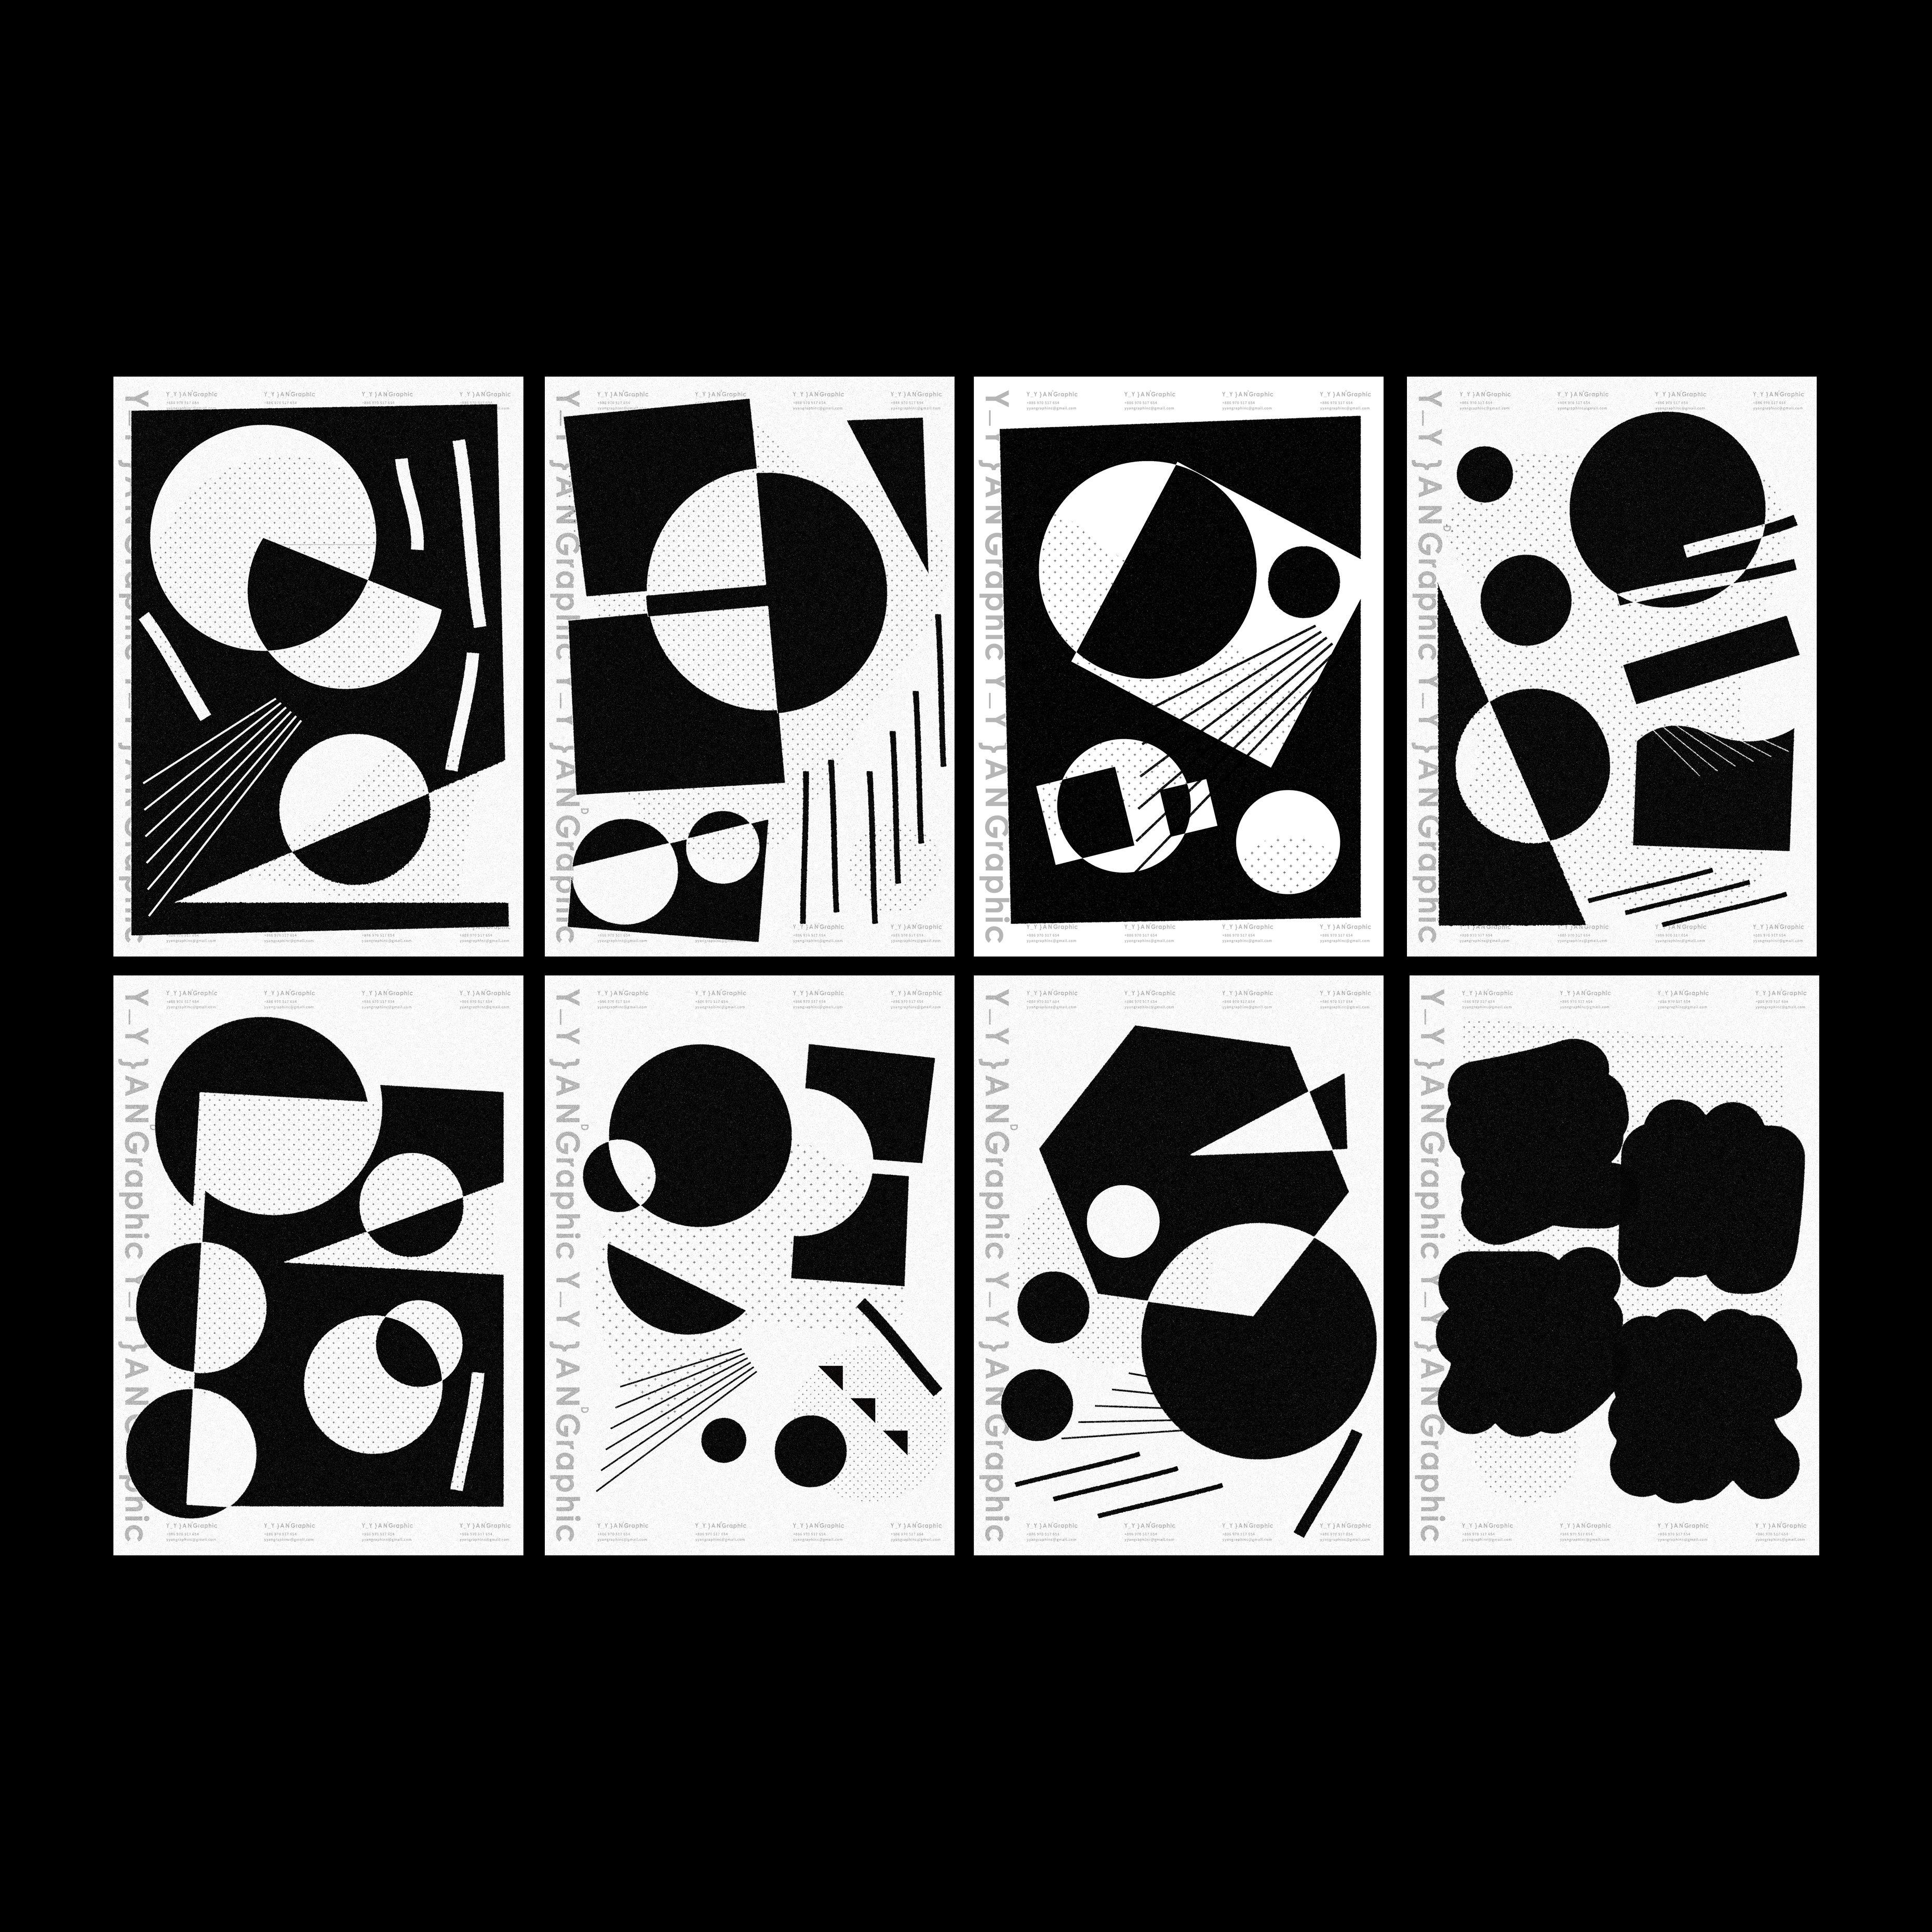 查看此 Behance 项目 U201clove Is Everything Poster Design U201d Https Www Behance Net Gallery 50901967 L Geometric Graphic Poster Design Graphic Design Lessons